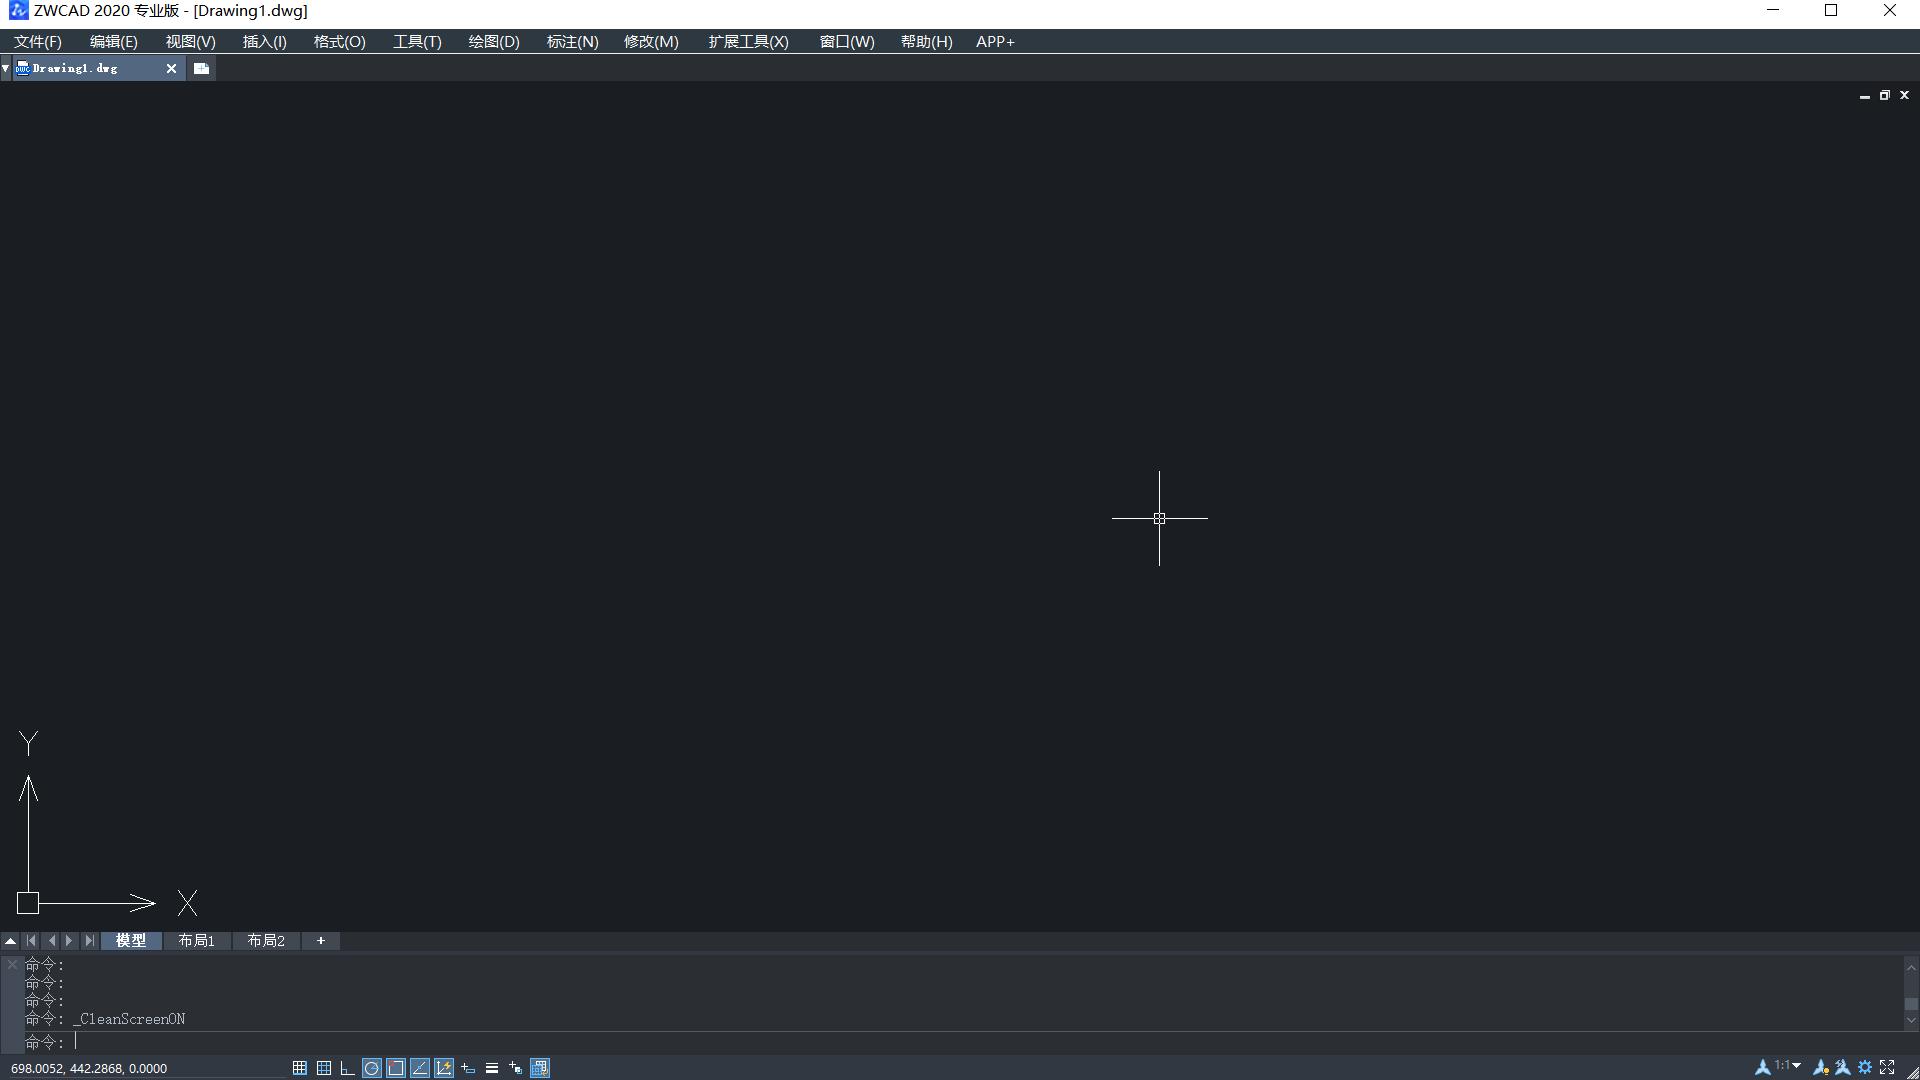 中望CAD全屏显示绘图区域的方法